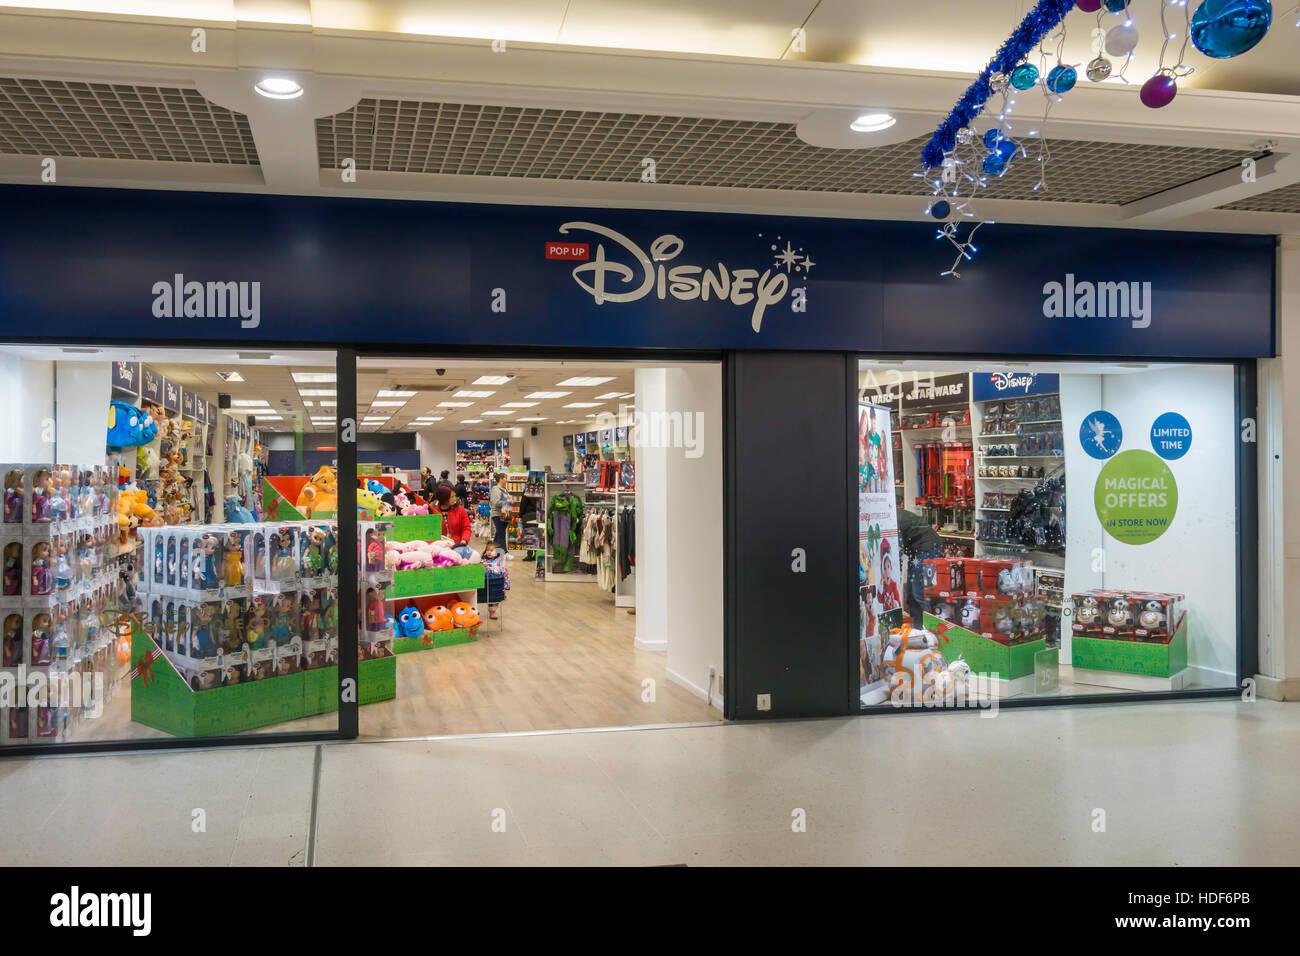 Pop-up temporäre Disney Shop Verkauf Kinderspielzeug und Spiele vor ...